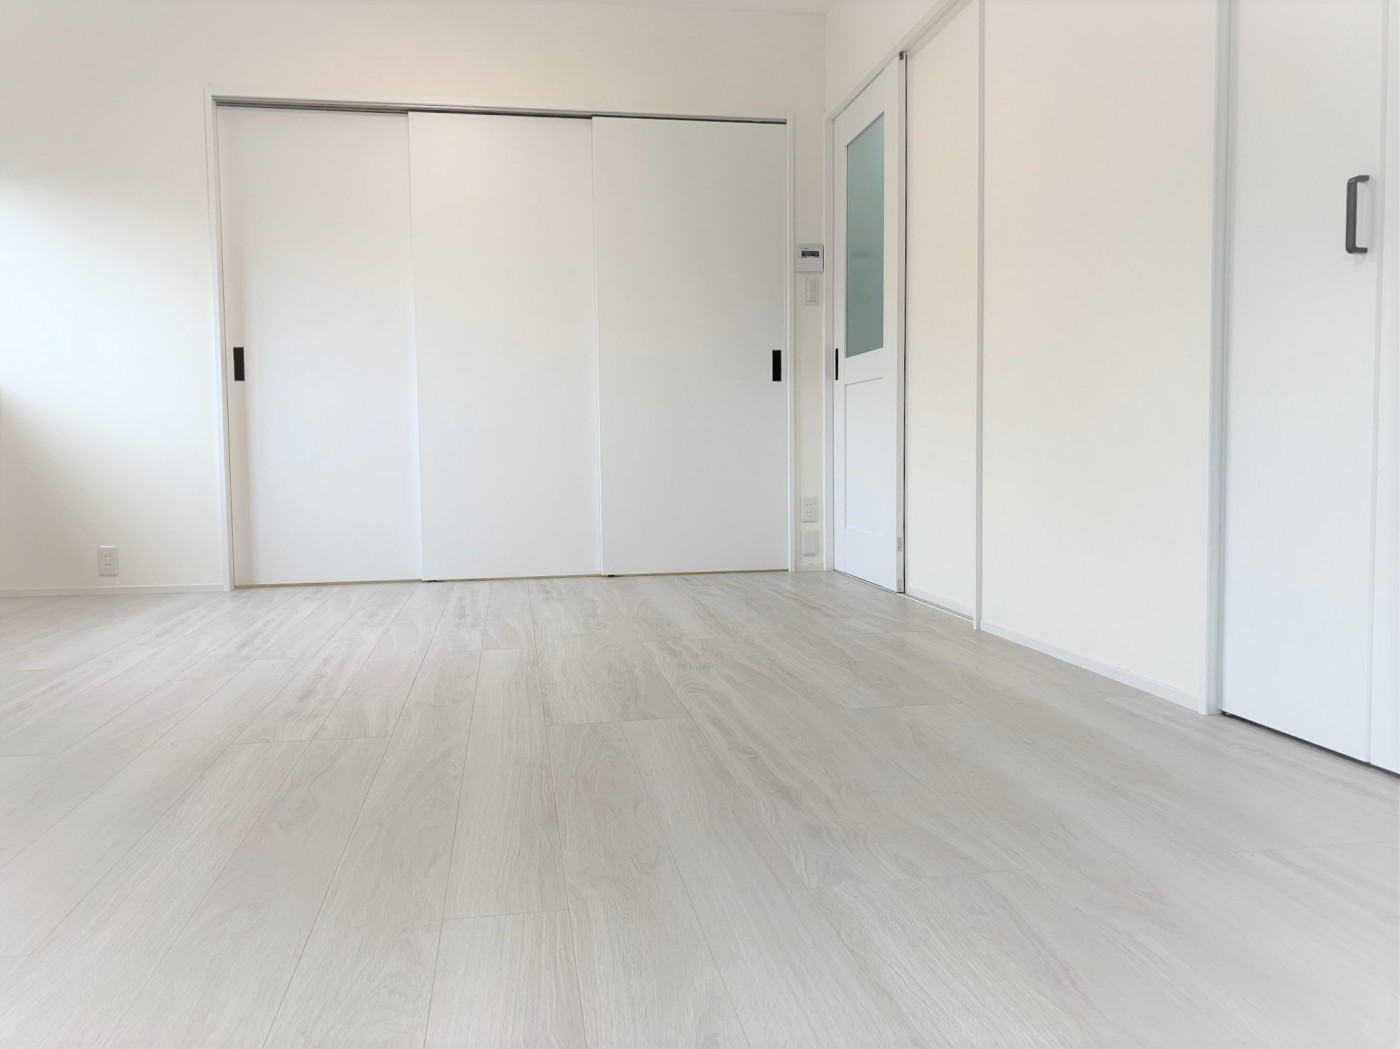 和室を広く明るい洋室に。使い勝手に合わせてオープンスタイルに。